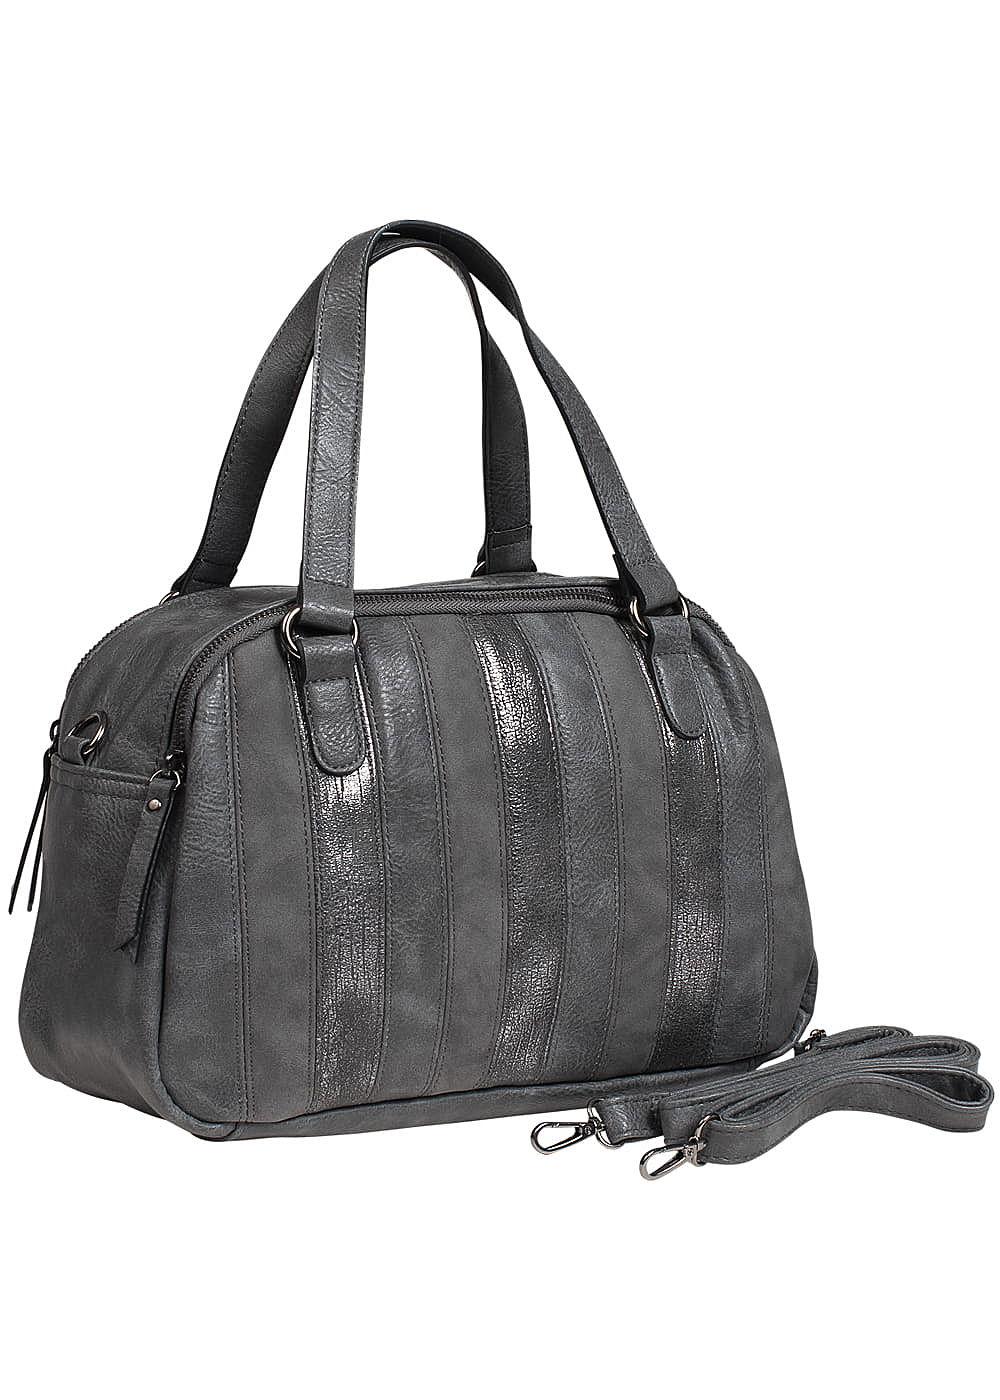 zabaione damen kunstleder handtasche 2 zip taschen grau. Black Bedroom Furniture Sets. Home Design Ideas